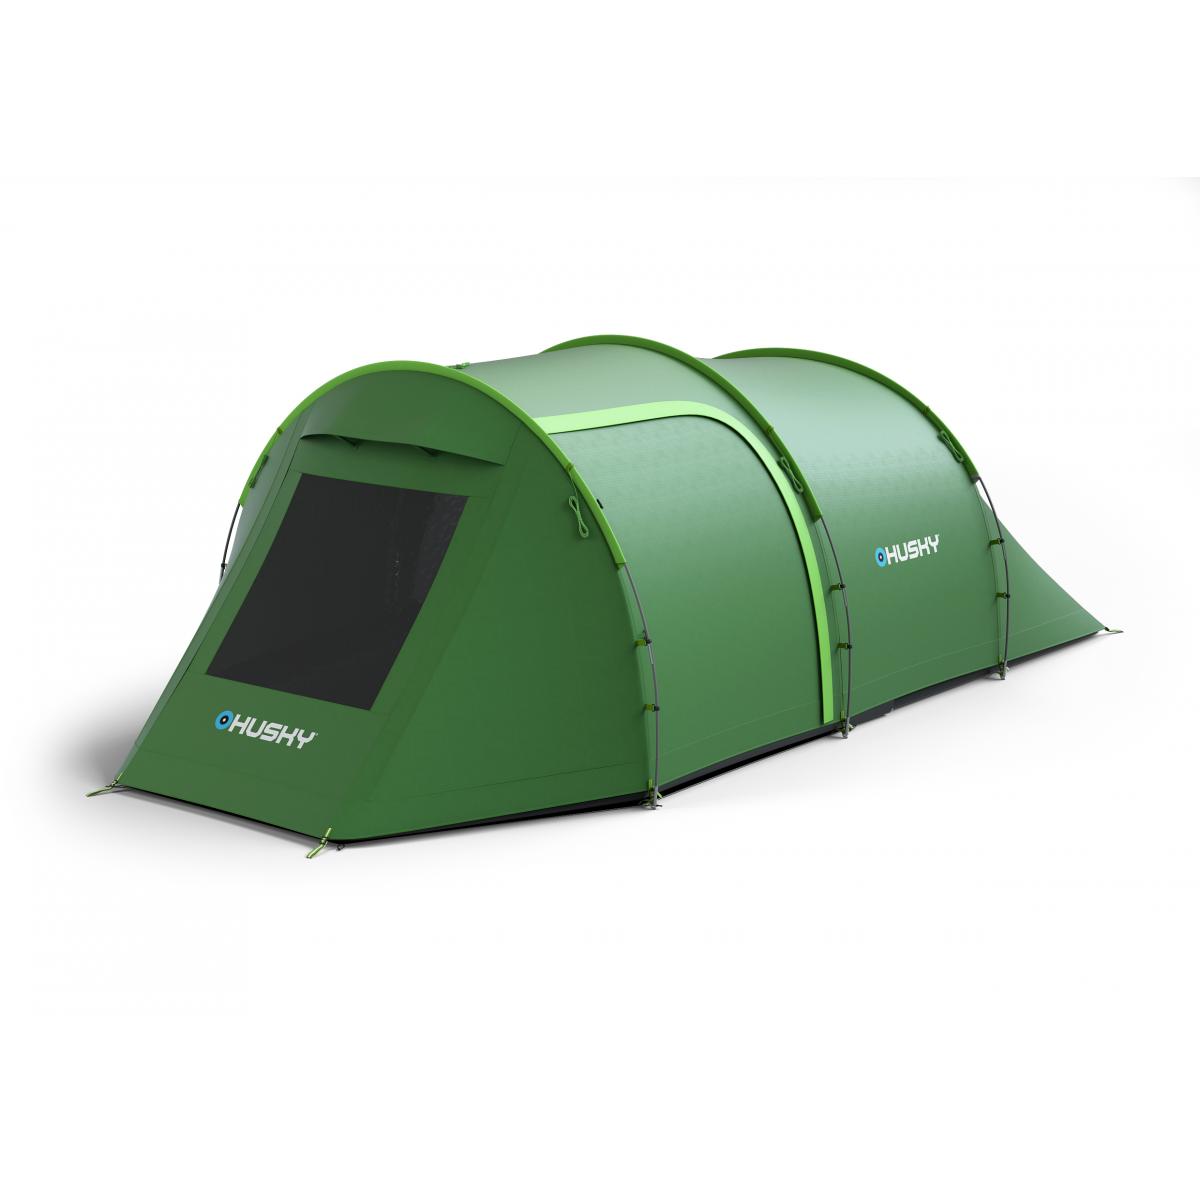 BENDER 4 палатка (зеленый)